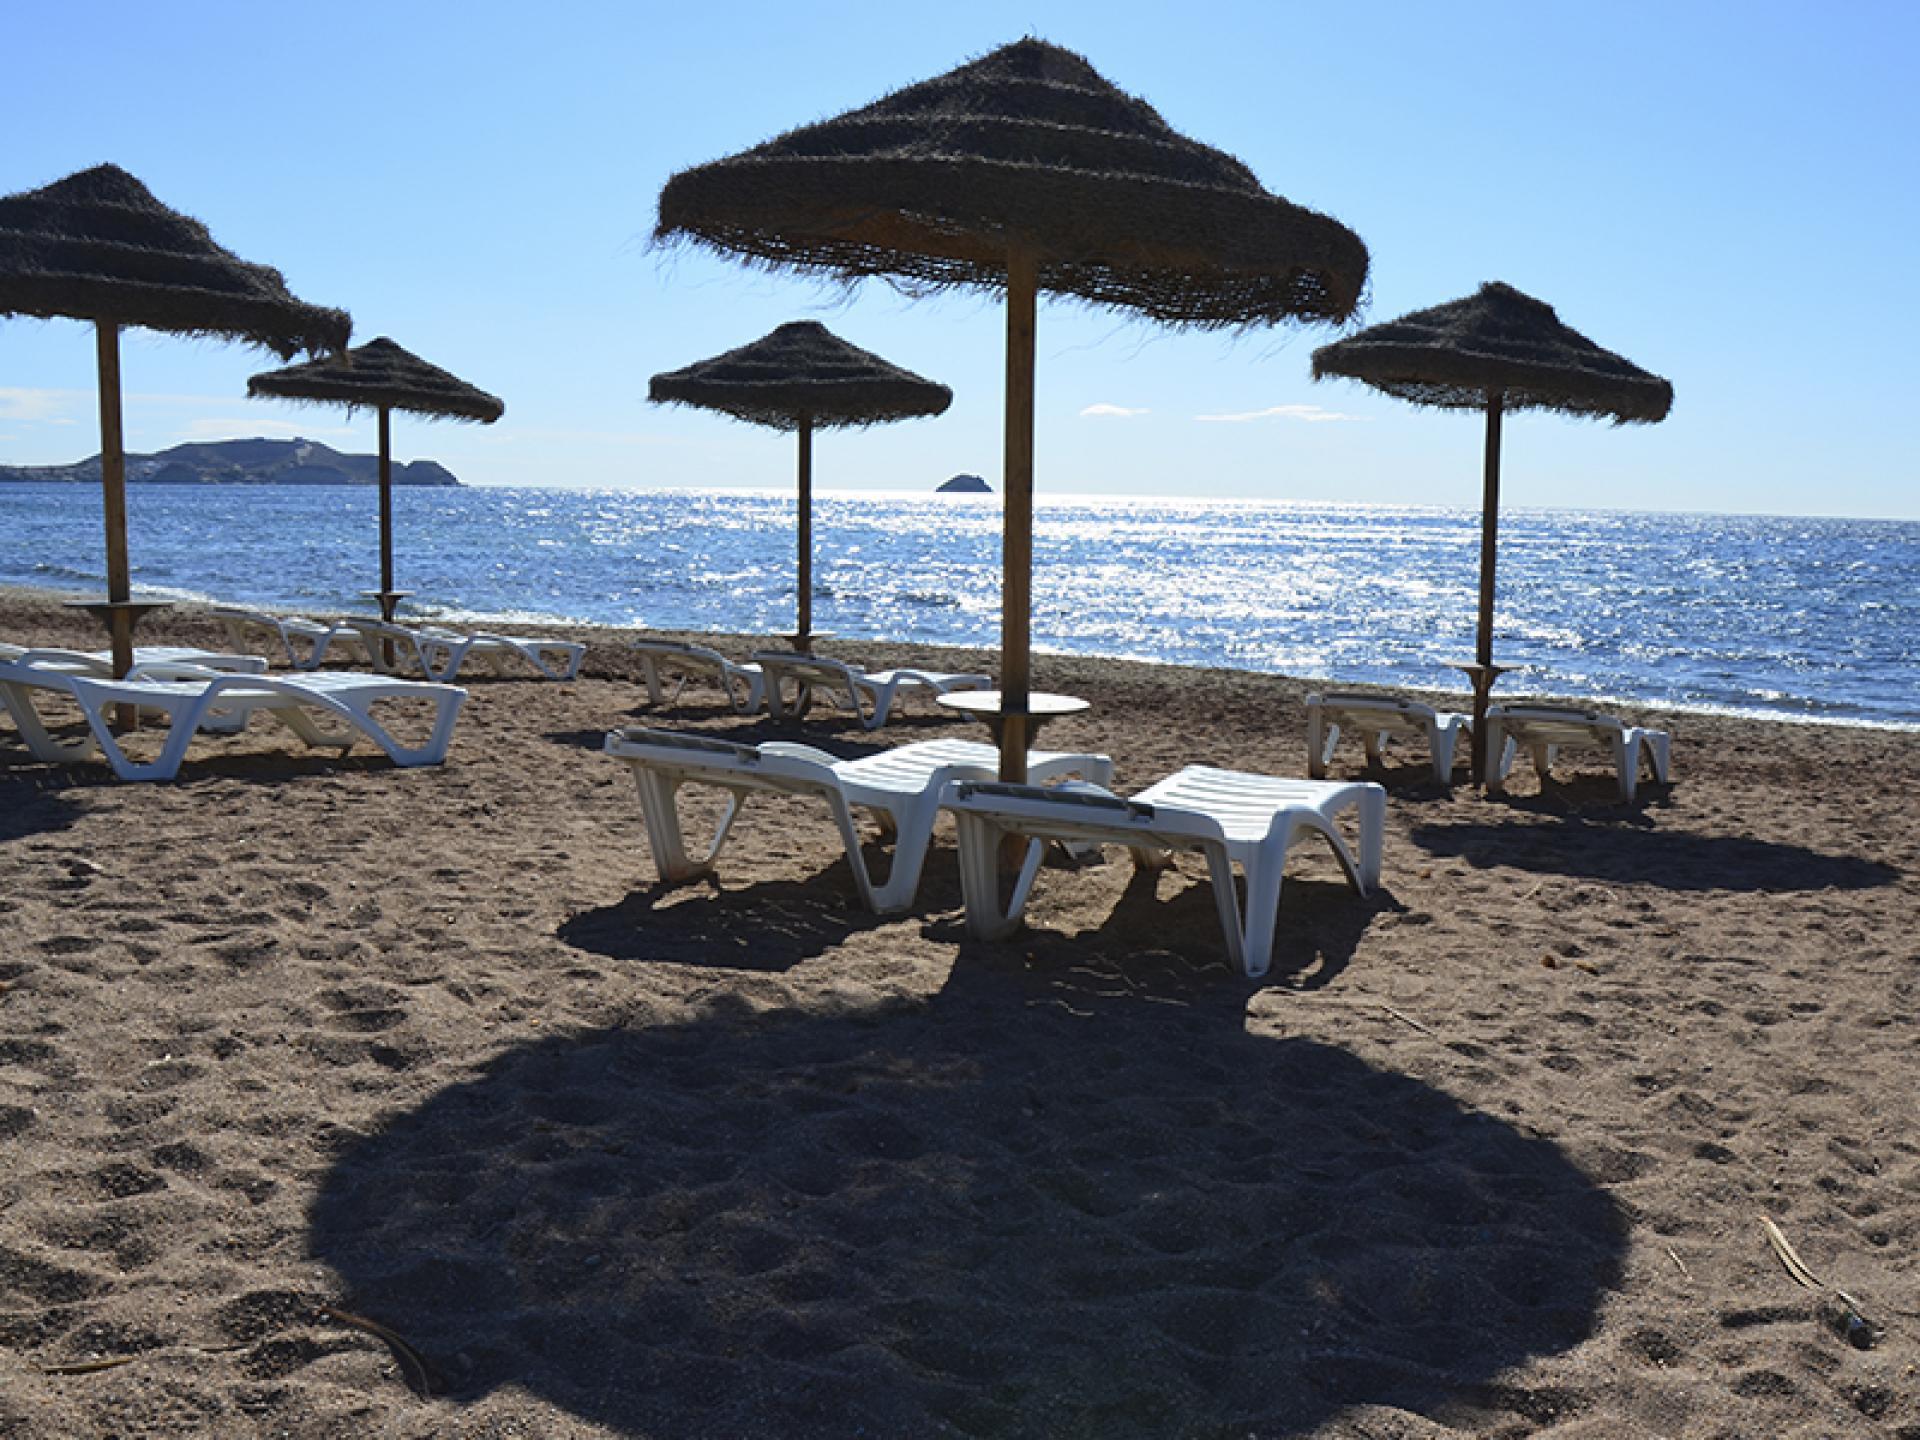 Mar de Pulpi phase 7 - Costa de Almeria / Pulpi (Almeria)